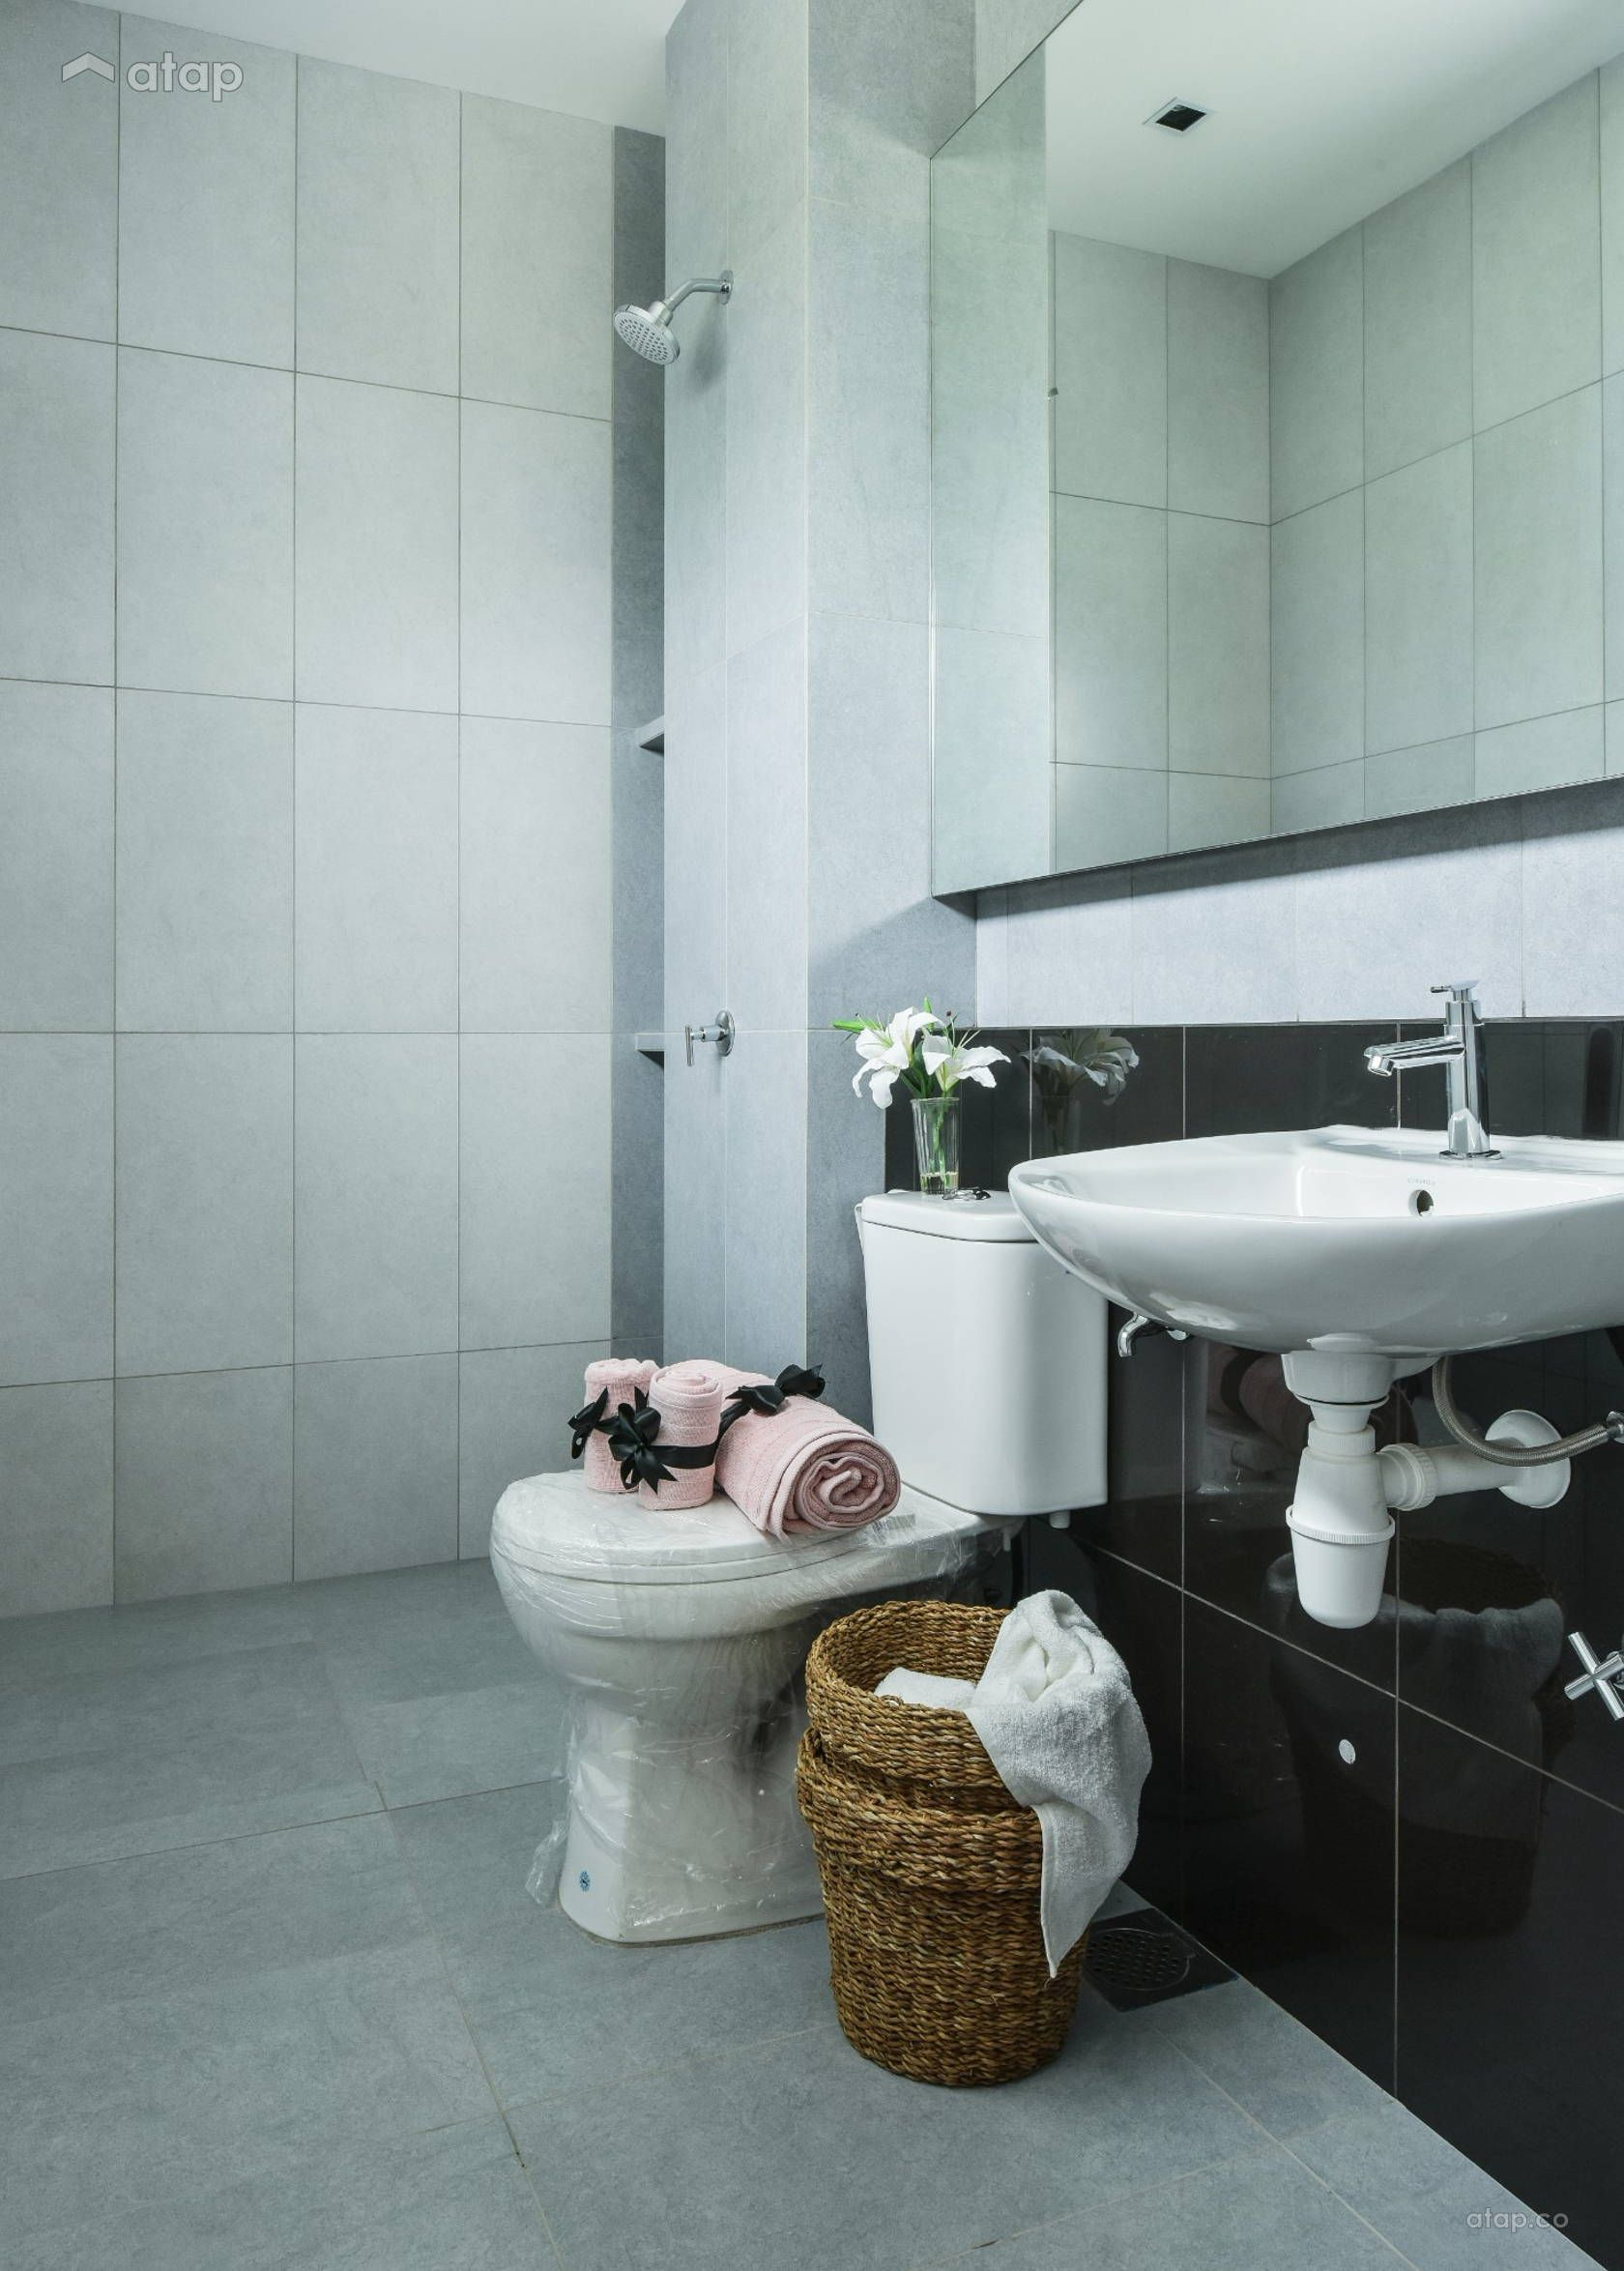 Classic Contemporary Bathroom Terrace Design Ideas Photos Malaysia Atap Co Contemporary Bathroom Contemporary Toilets Terrace Design